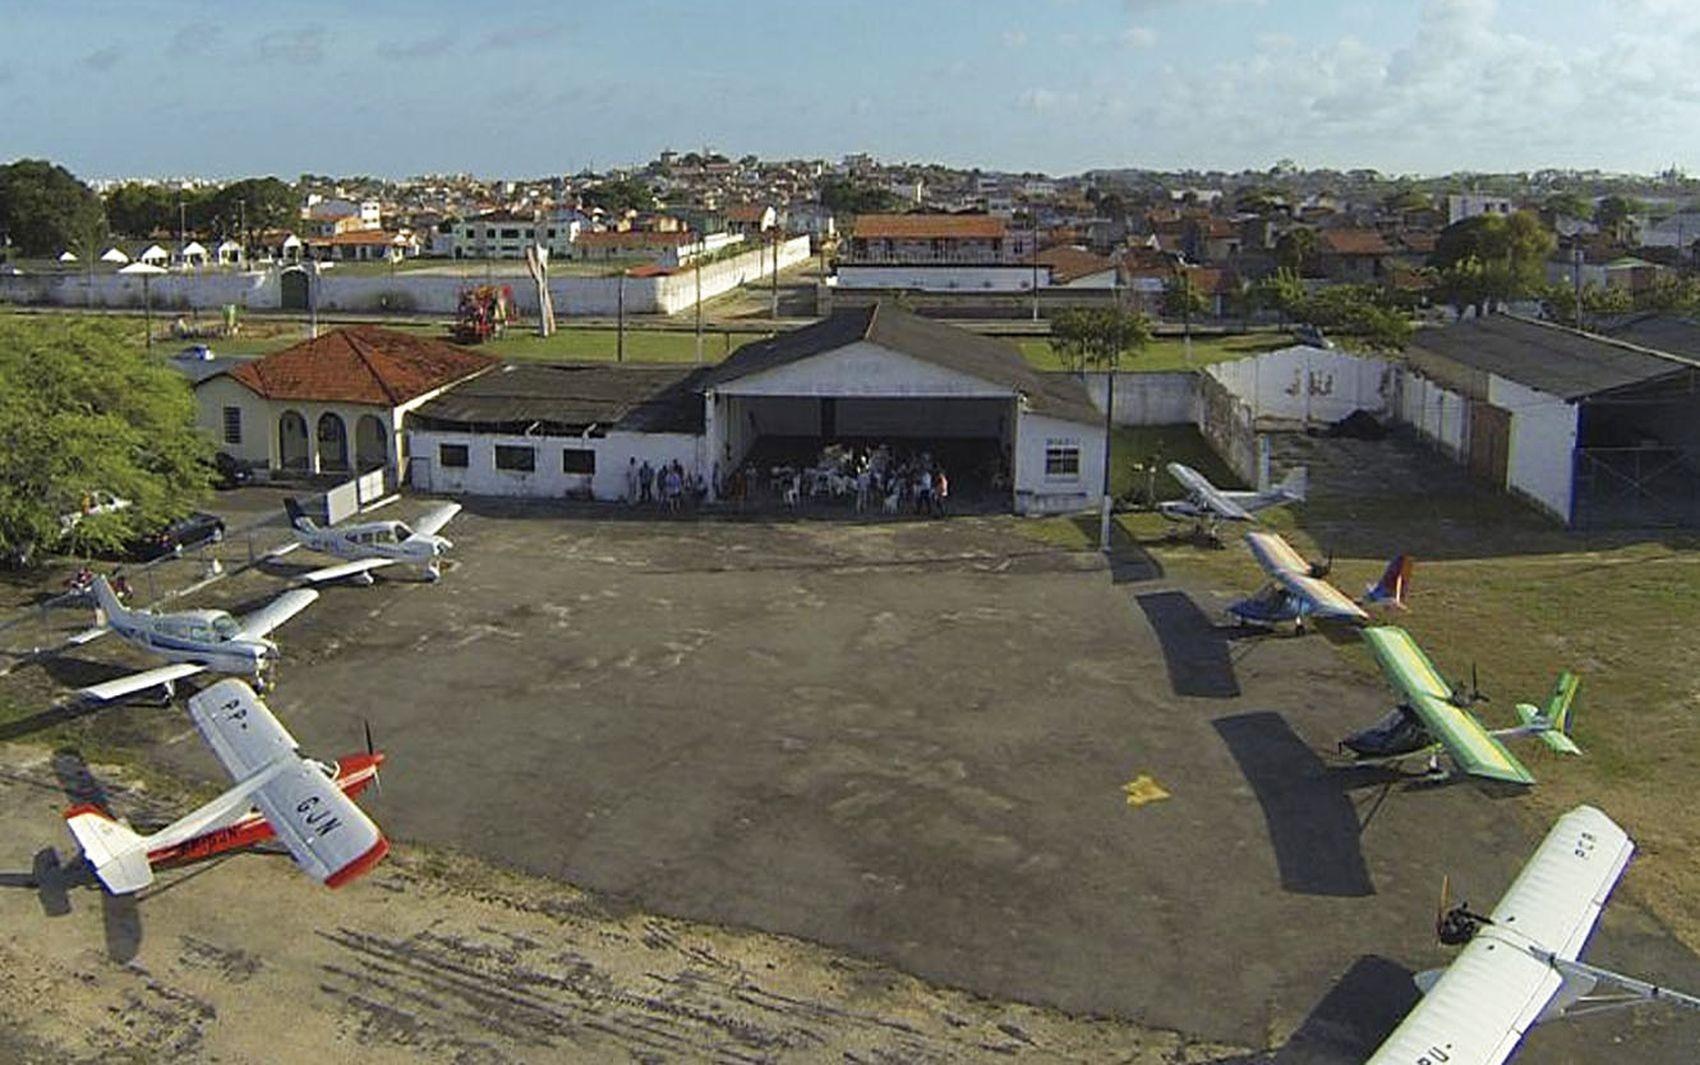 Governo lança edital para venda de áreas do Aeroclube de Aracaju - Notícias - Plantão Diário